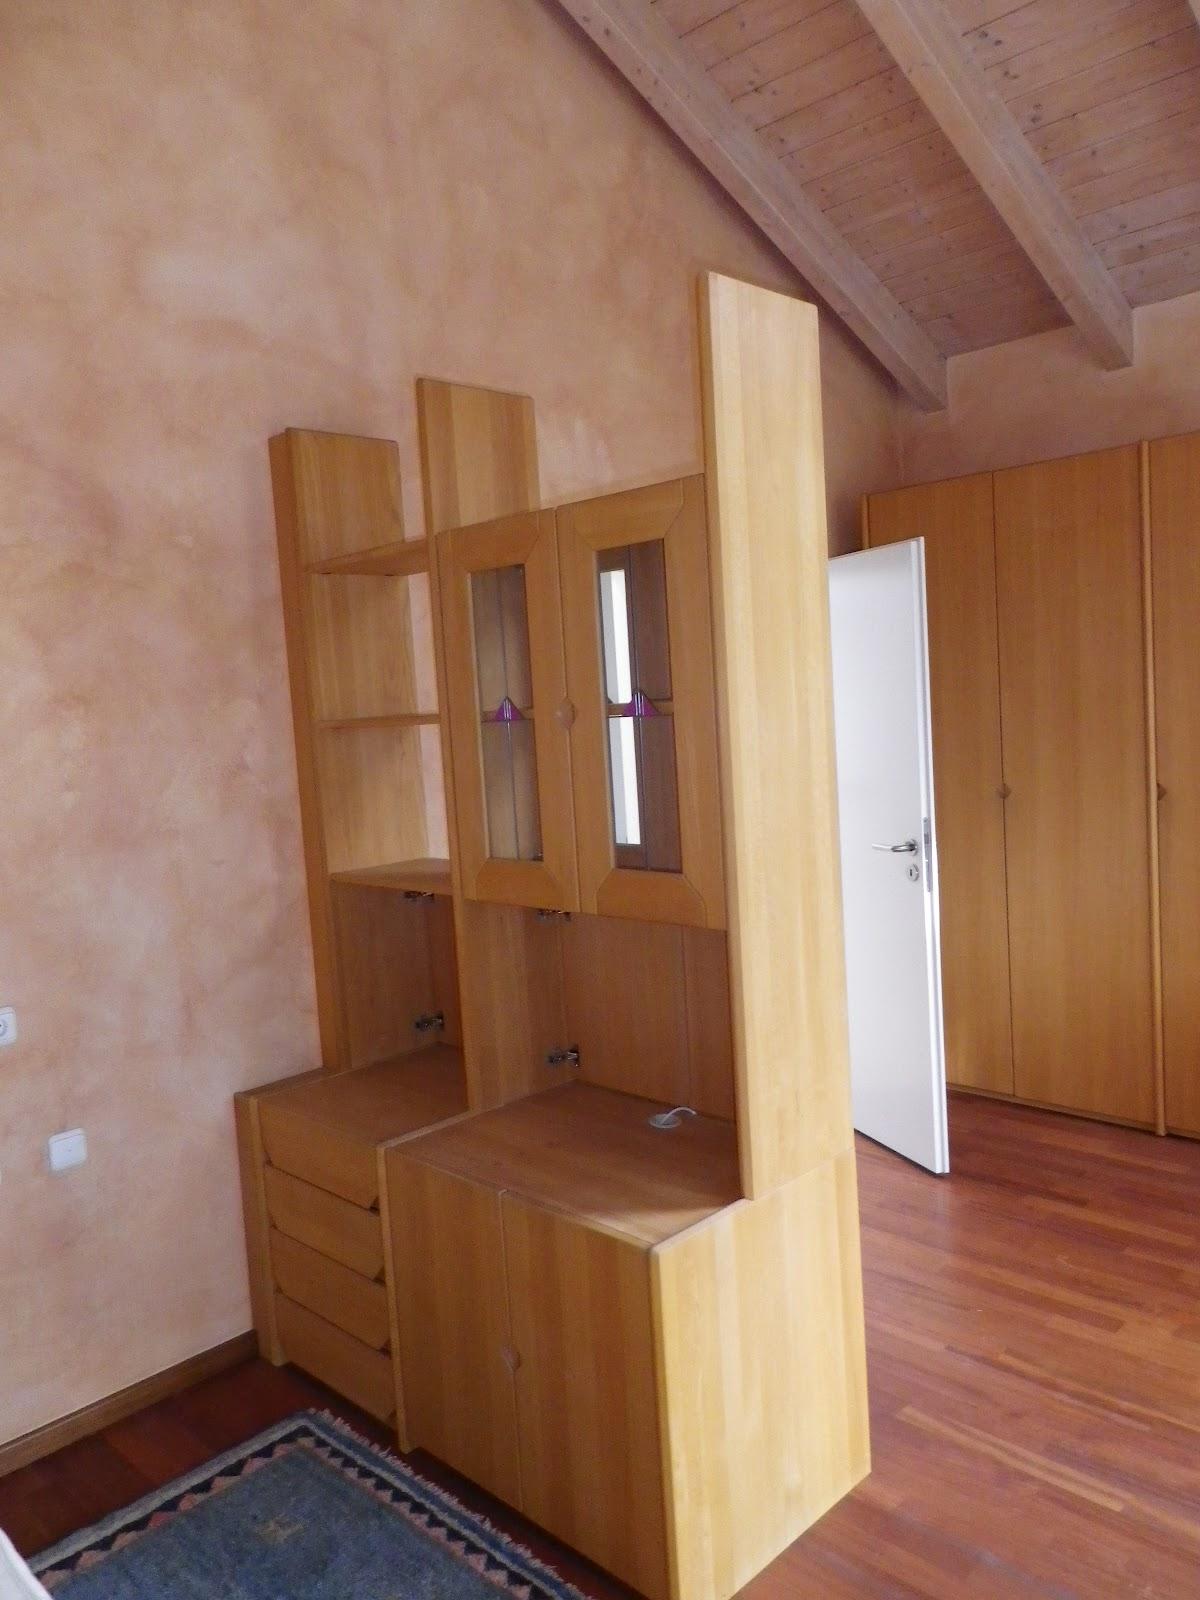 rustikaler schrank einzigartig eiche schrank wohnwand massiv modell rustikal natur verkaufen. Black Bedroom Furniture Sets. Home Design Ideas